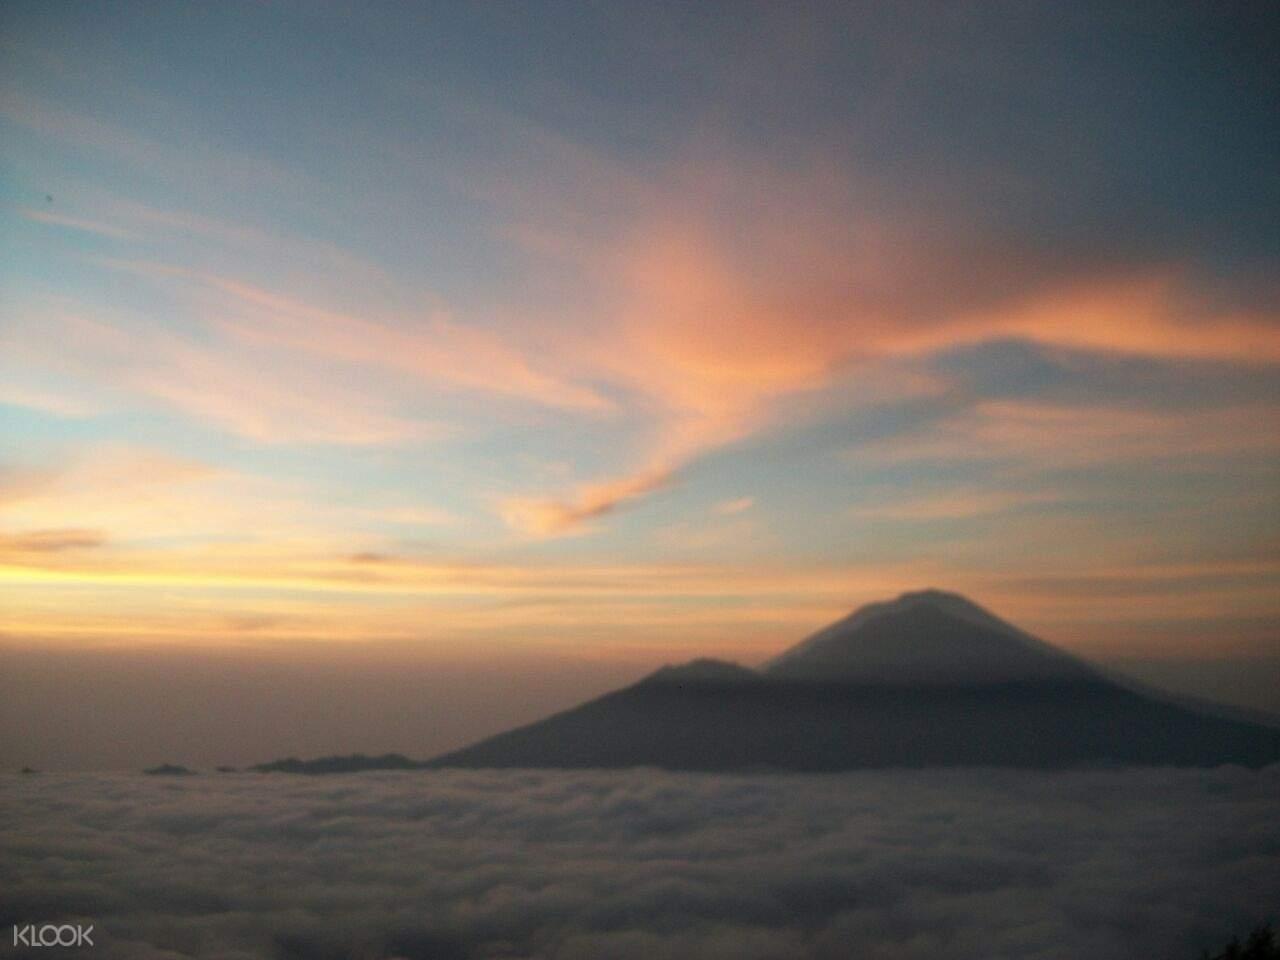 巴杜爾火山日出登山徒步 - KLOOK客路